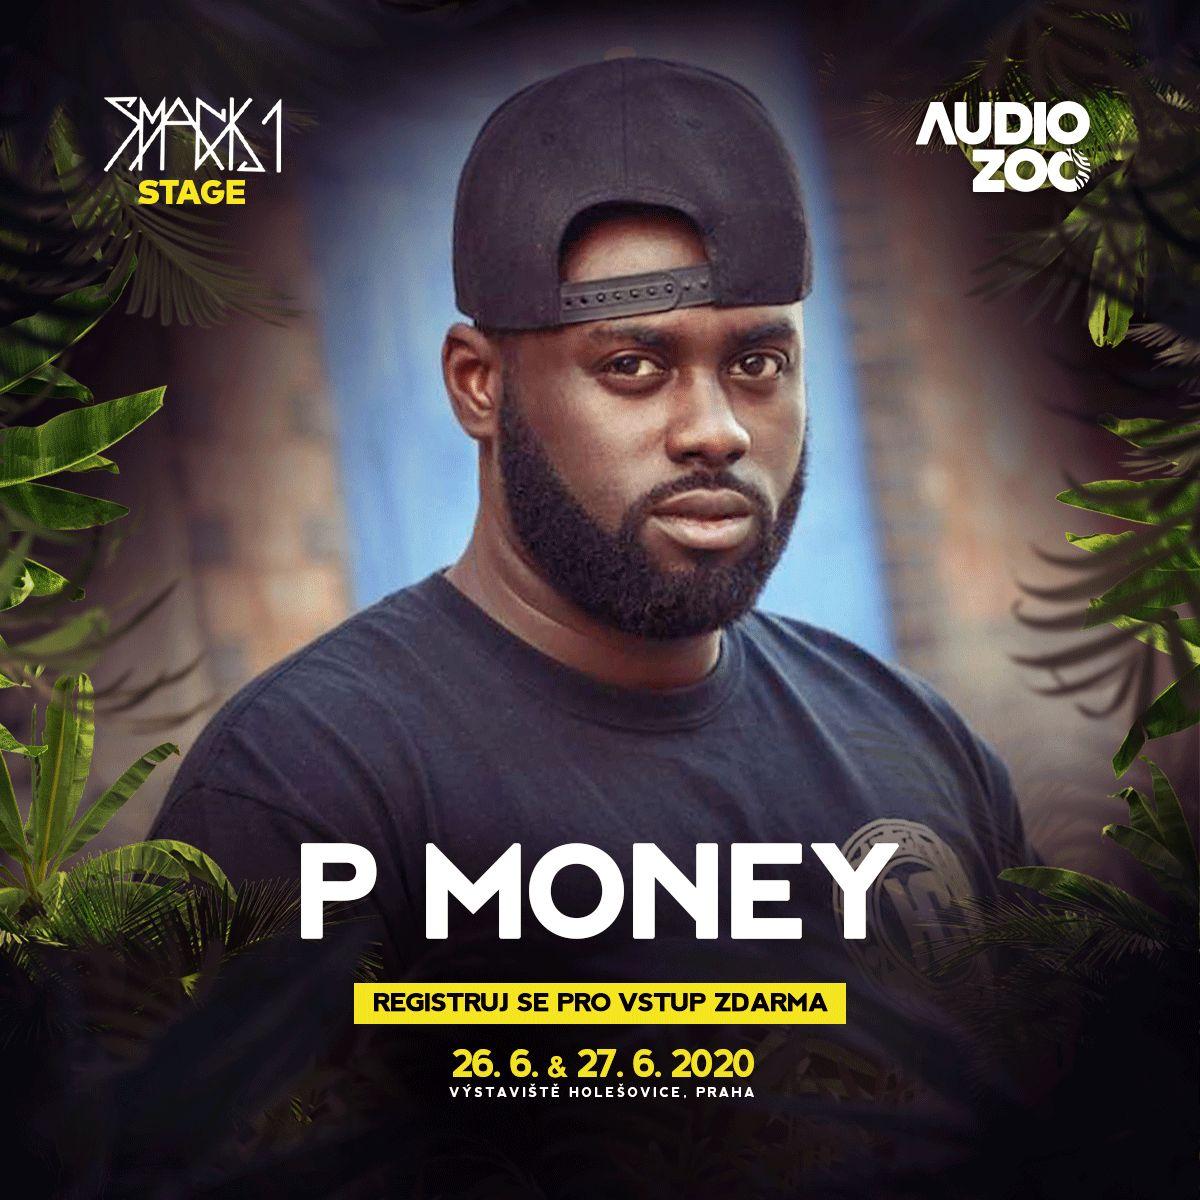 P Money na fesťáku v Praze a zadarmo? Zaregistruj se a na Audio Zoo 2020 a uvidíš i Smacka